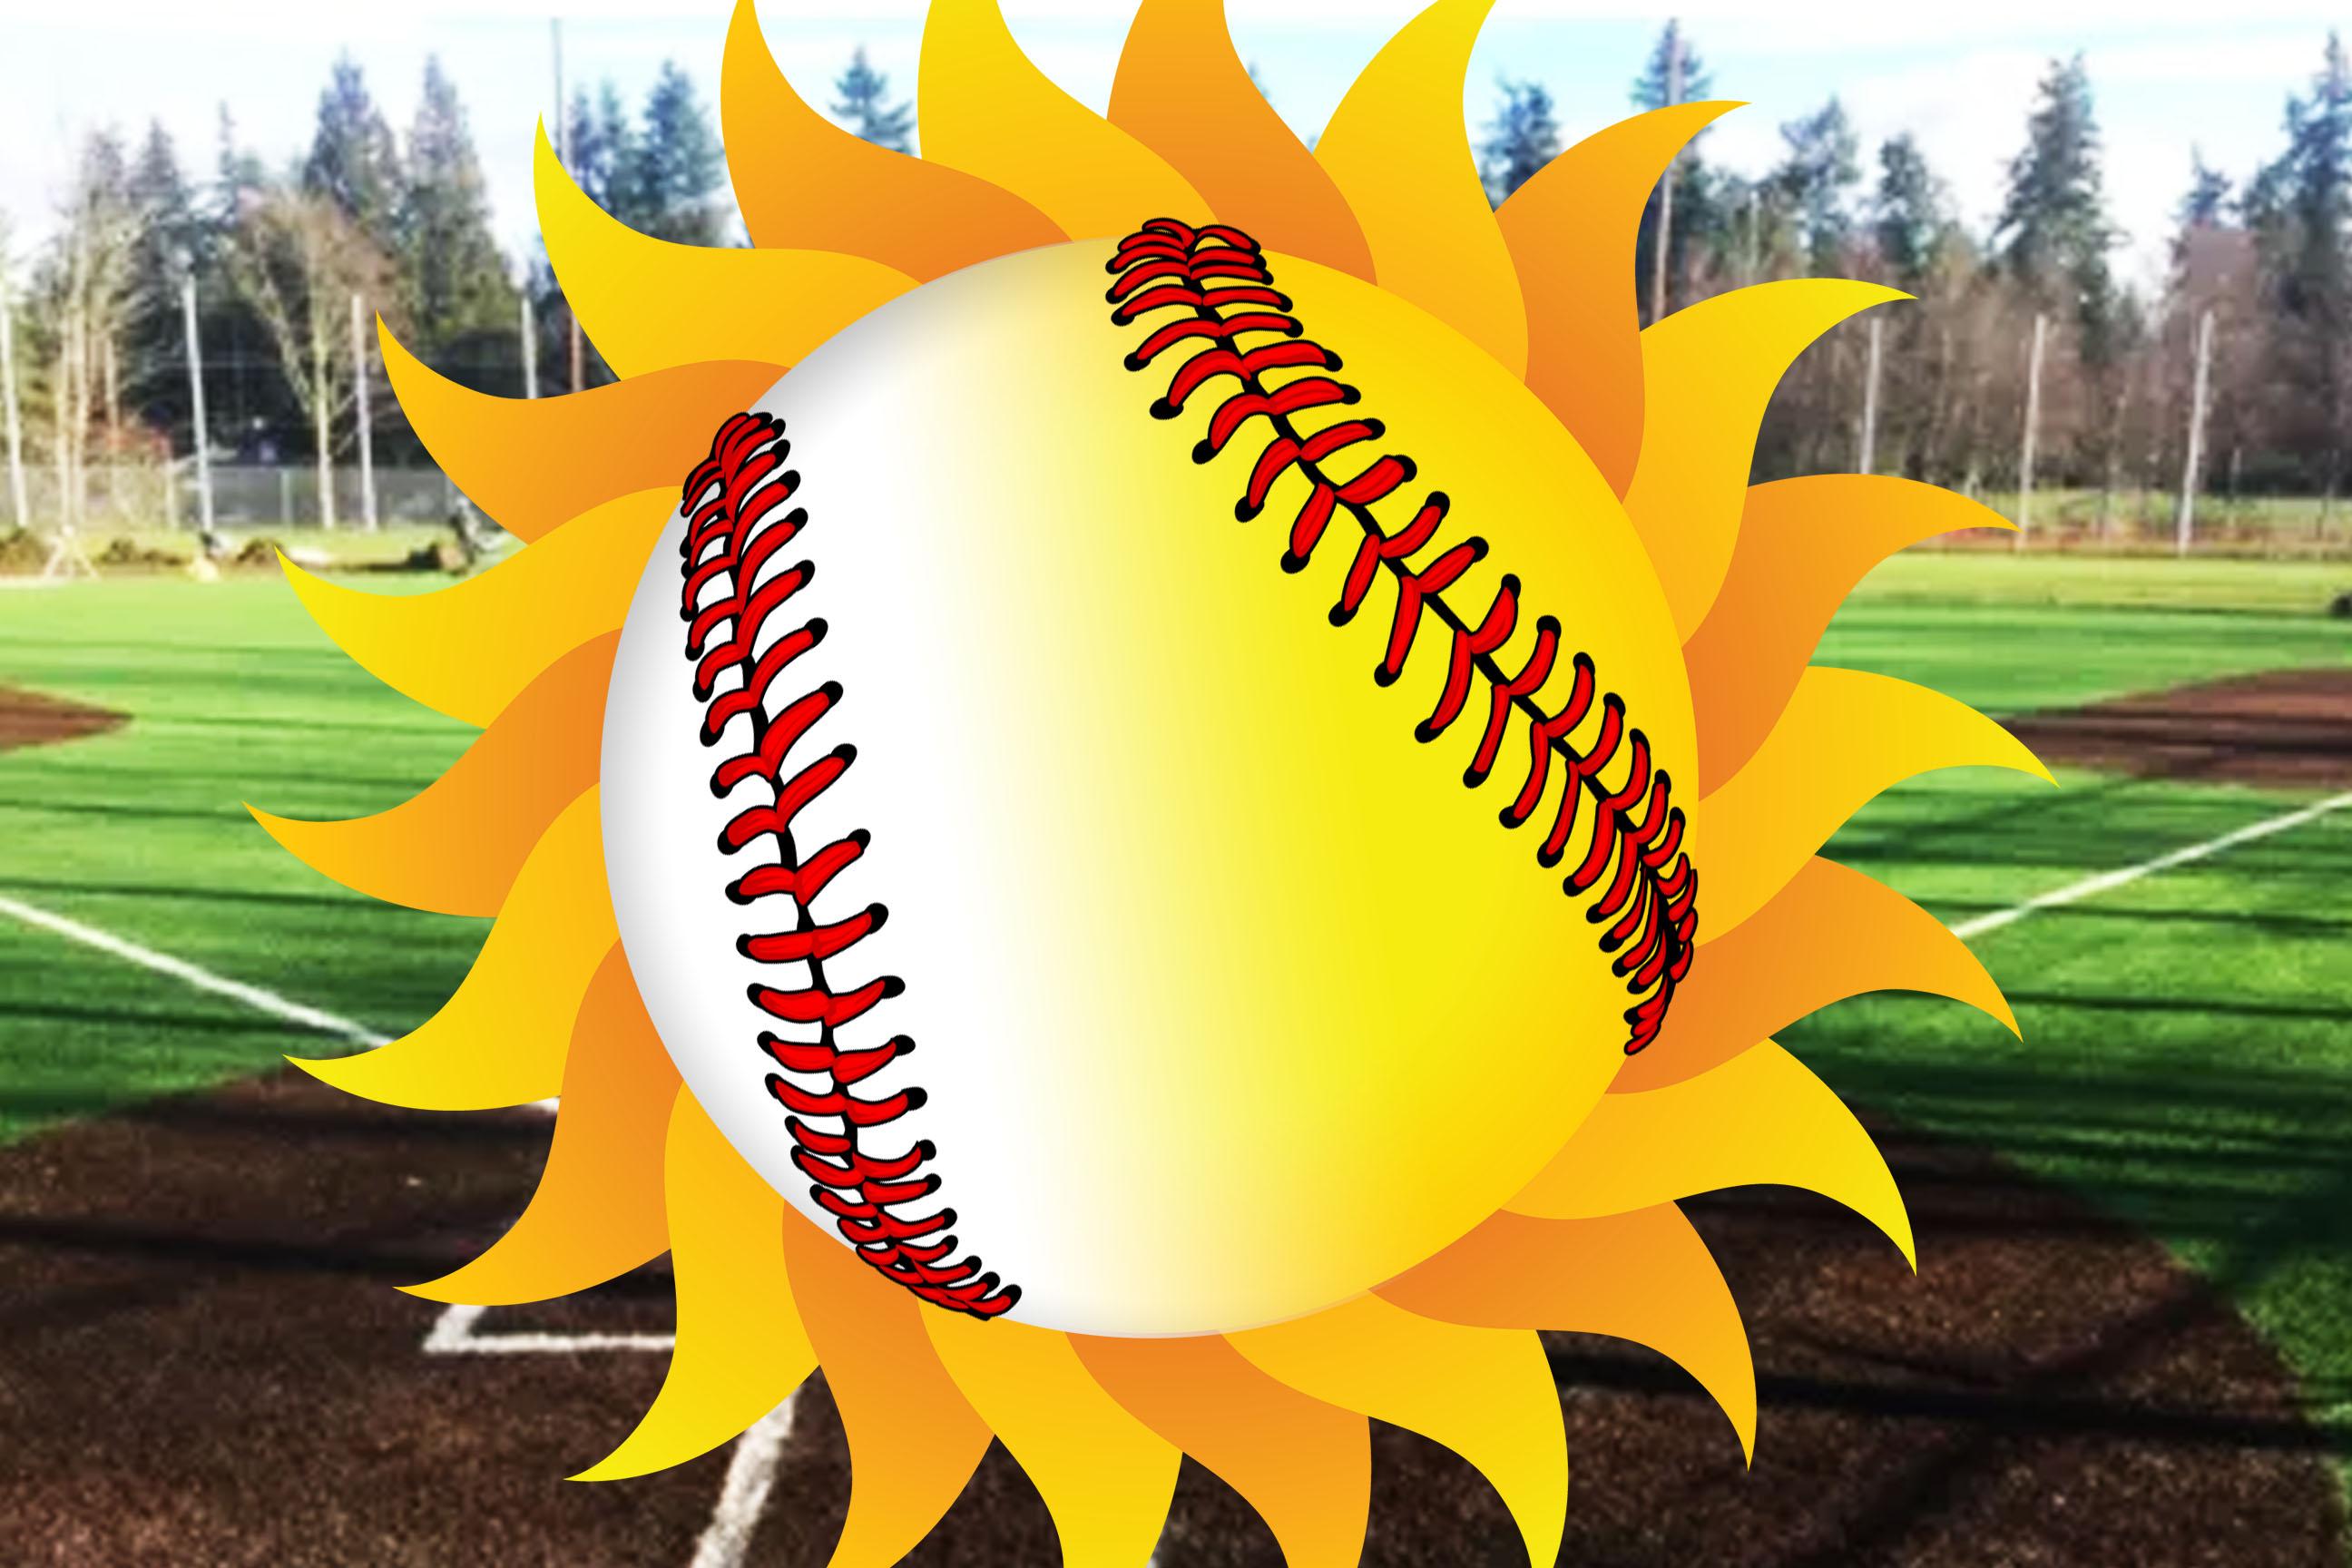 Enroll now for 2018 baseball and softball camps.